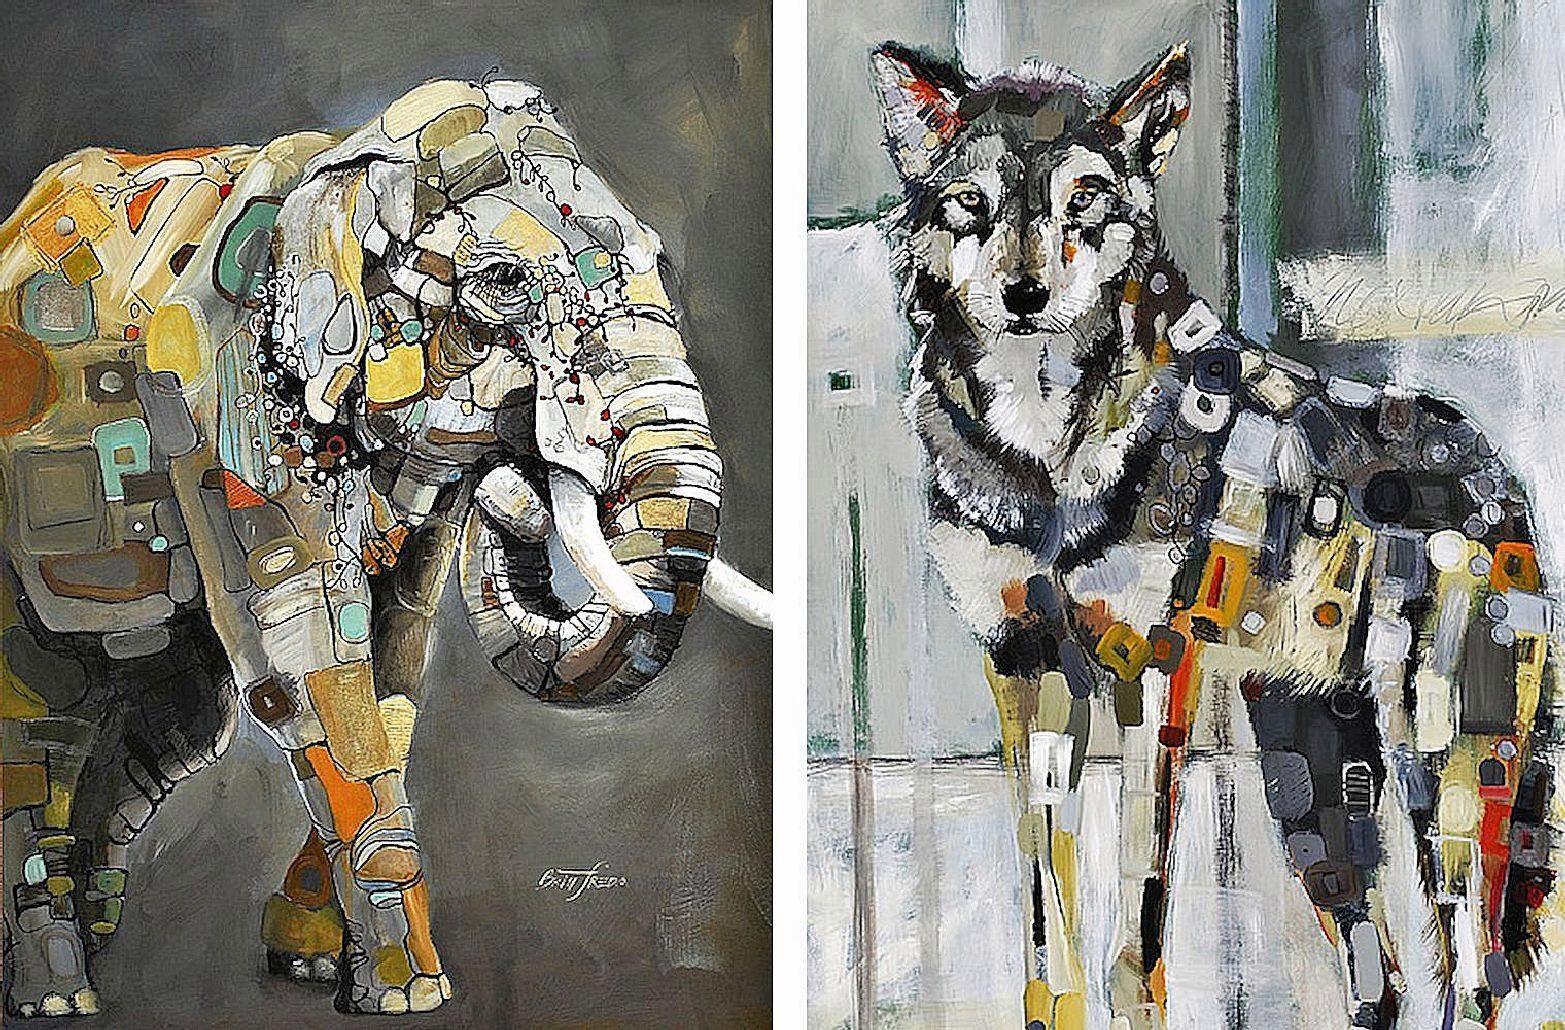 Home Affaire Bild, Kunstdruck, »Britt Freda / Elefant,Grauwolf«, 2x 40/50/1,3 cm